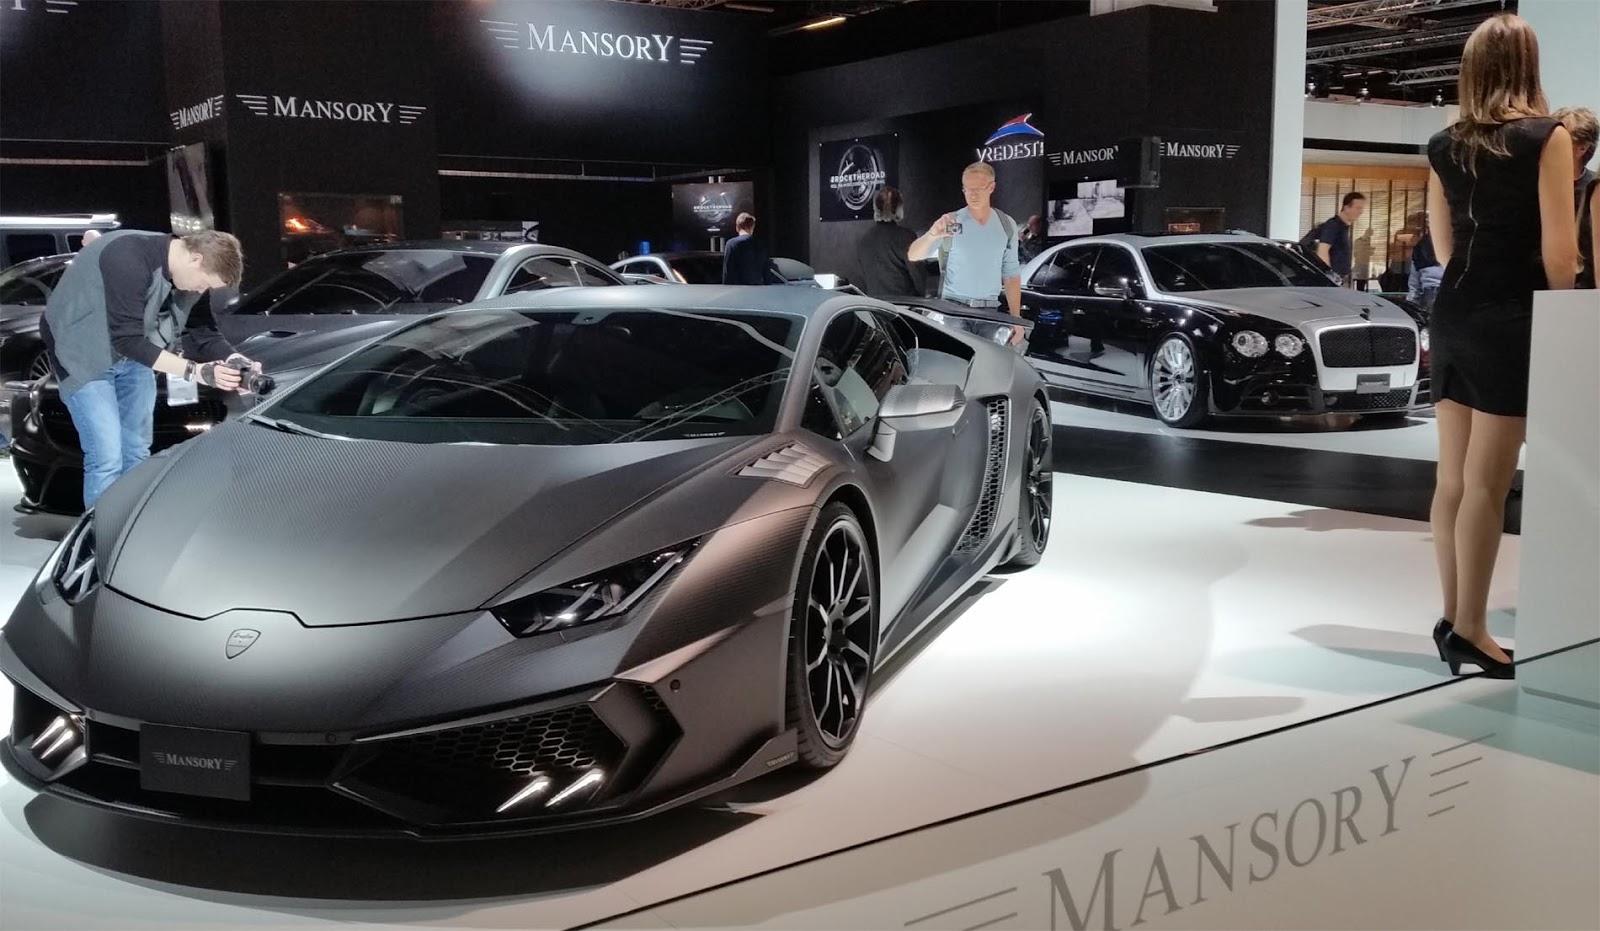 Mansory Lamborghini TOROFEO Carbon Fibre Style